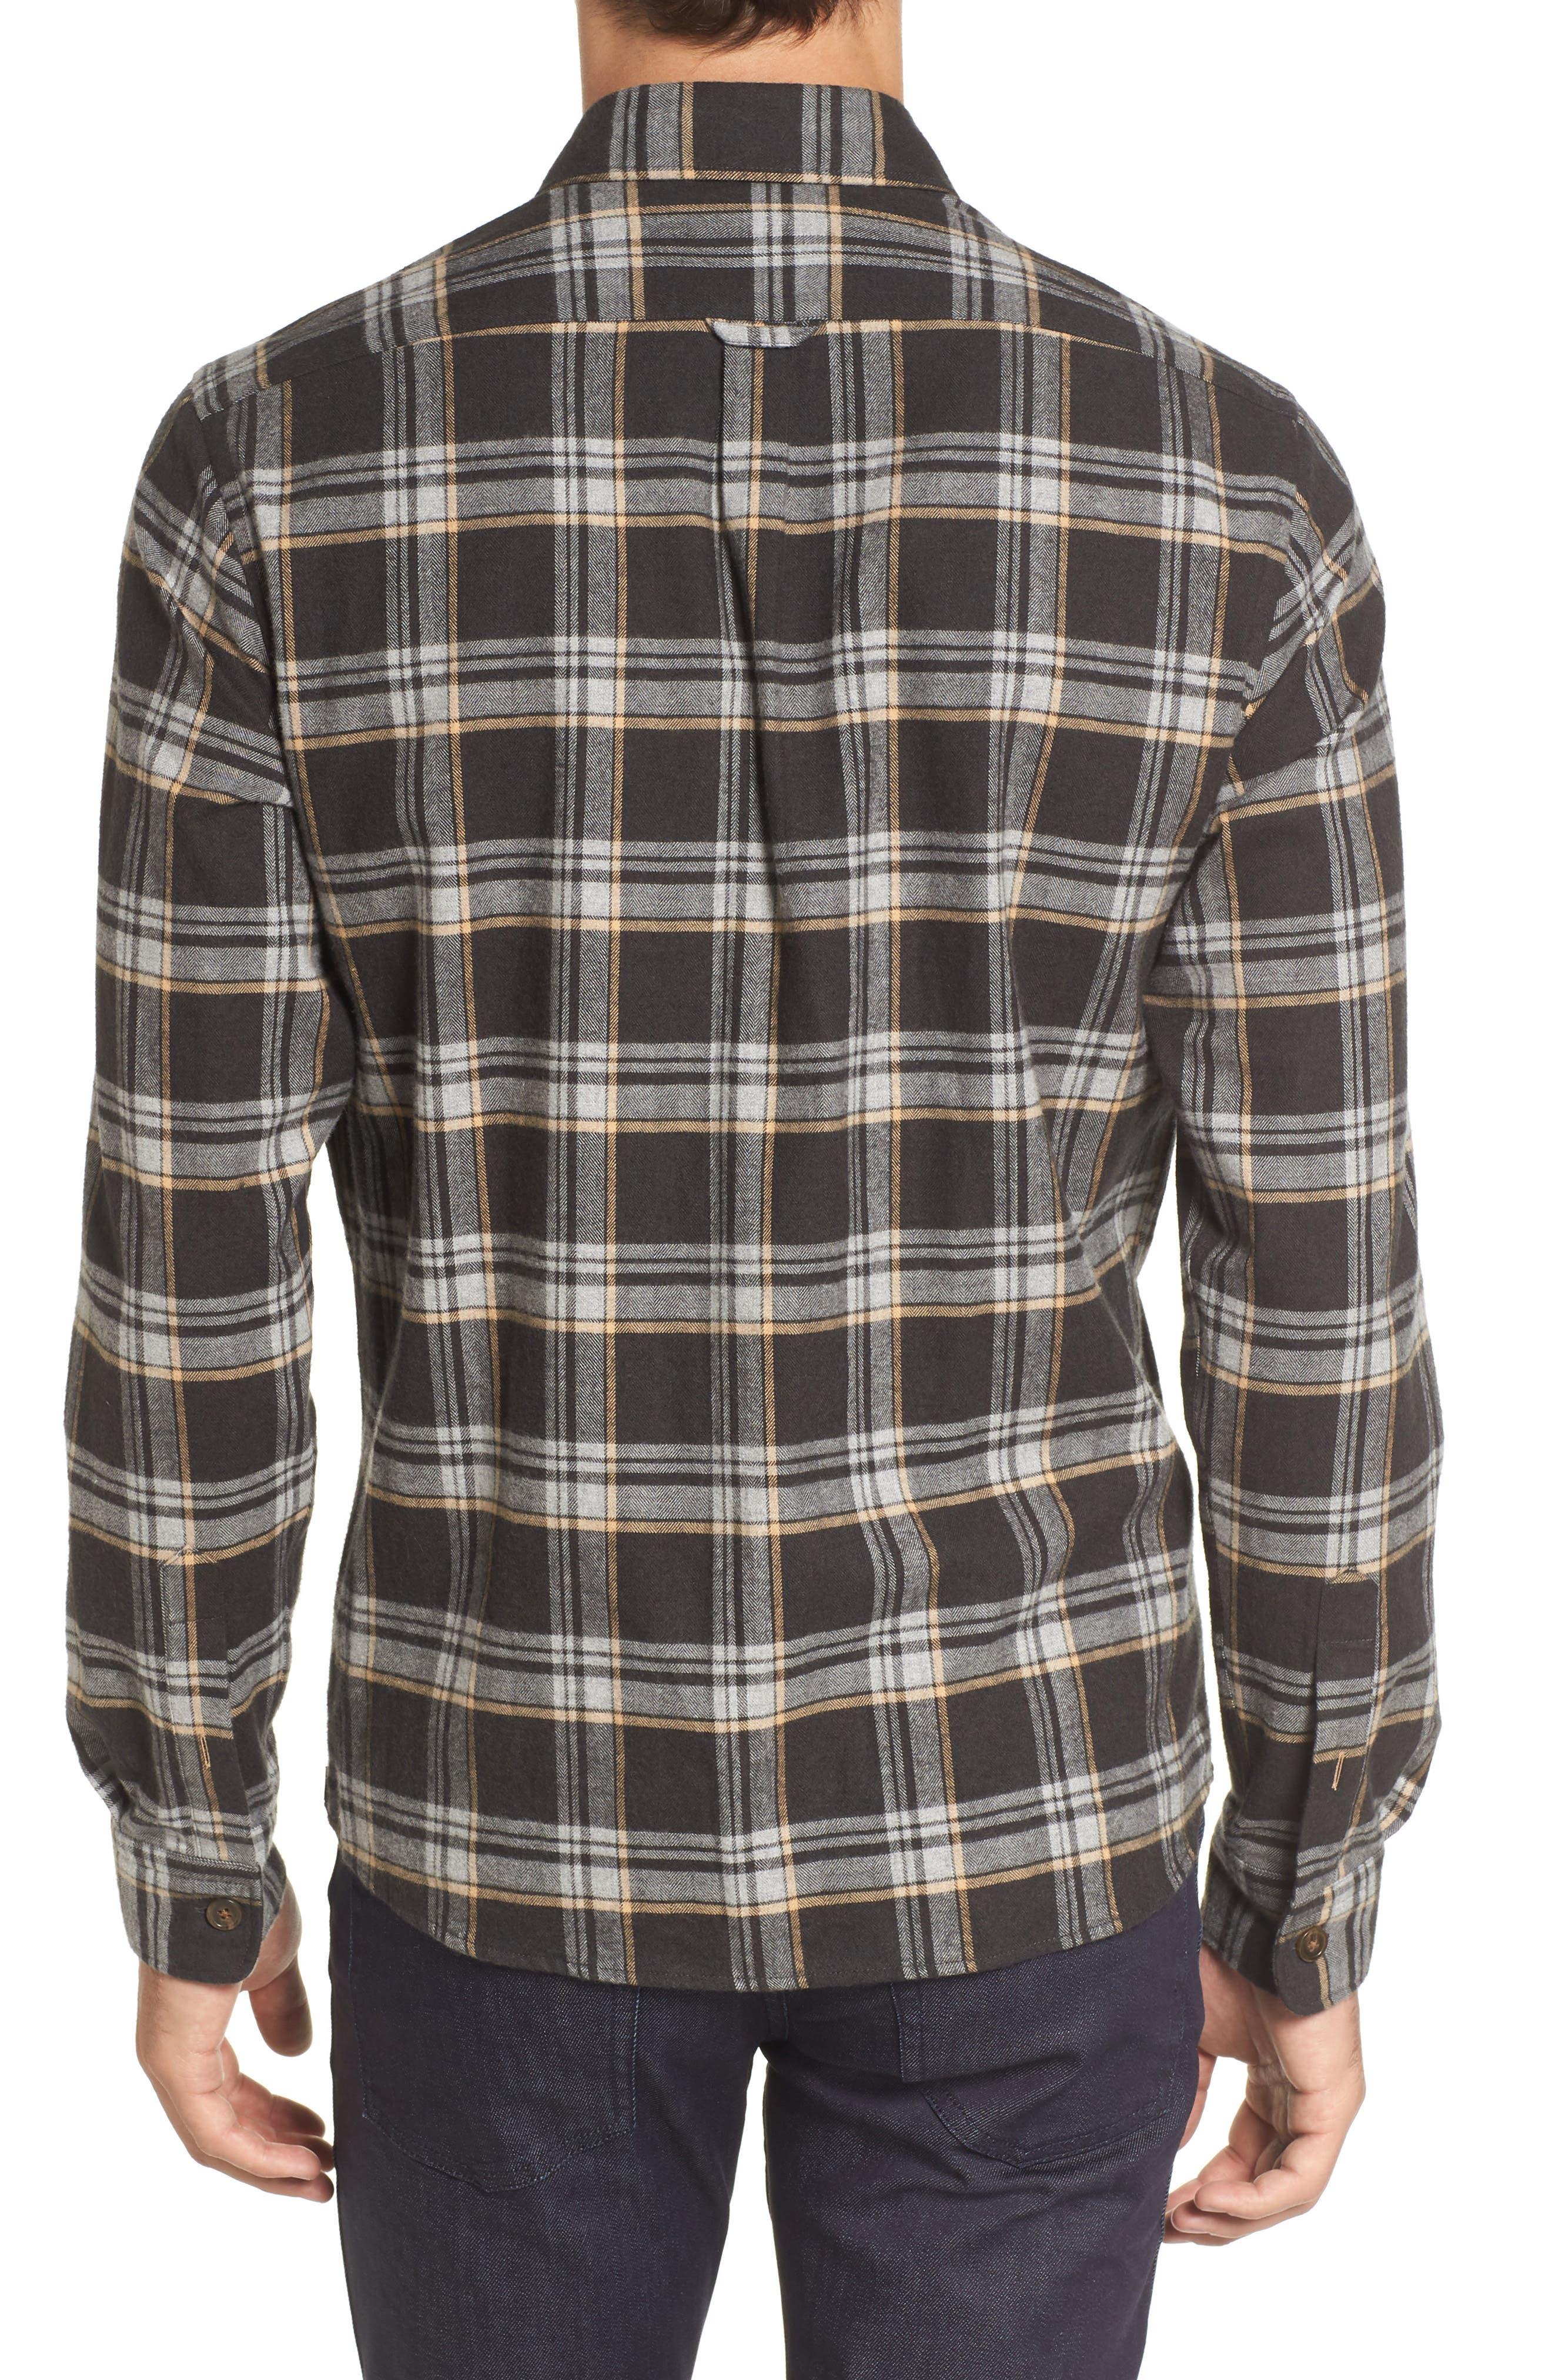 Lalo Plaid Flannel Shirt,                             Alternate thumbnail 2, color,                             262